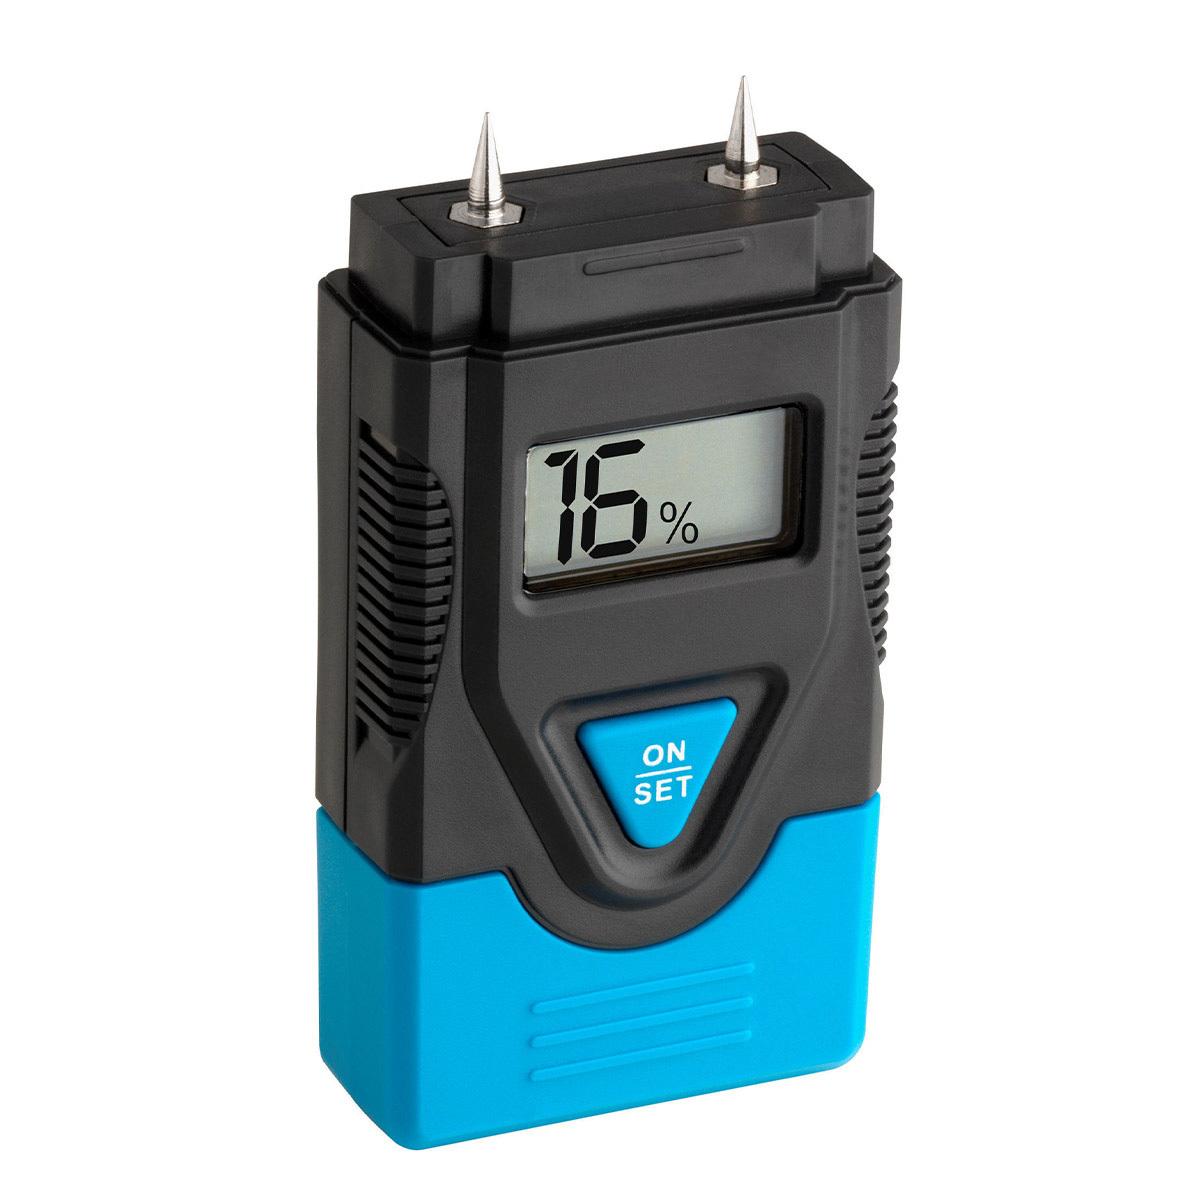 30-5502-materialfeuchtemessgerät-humidcheck-mini-ansicht-1200x1200px.jpg